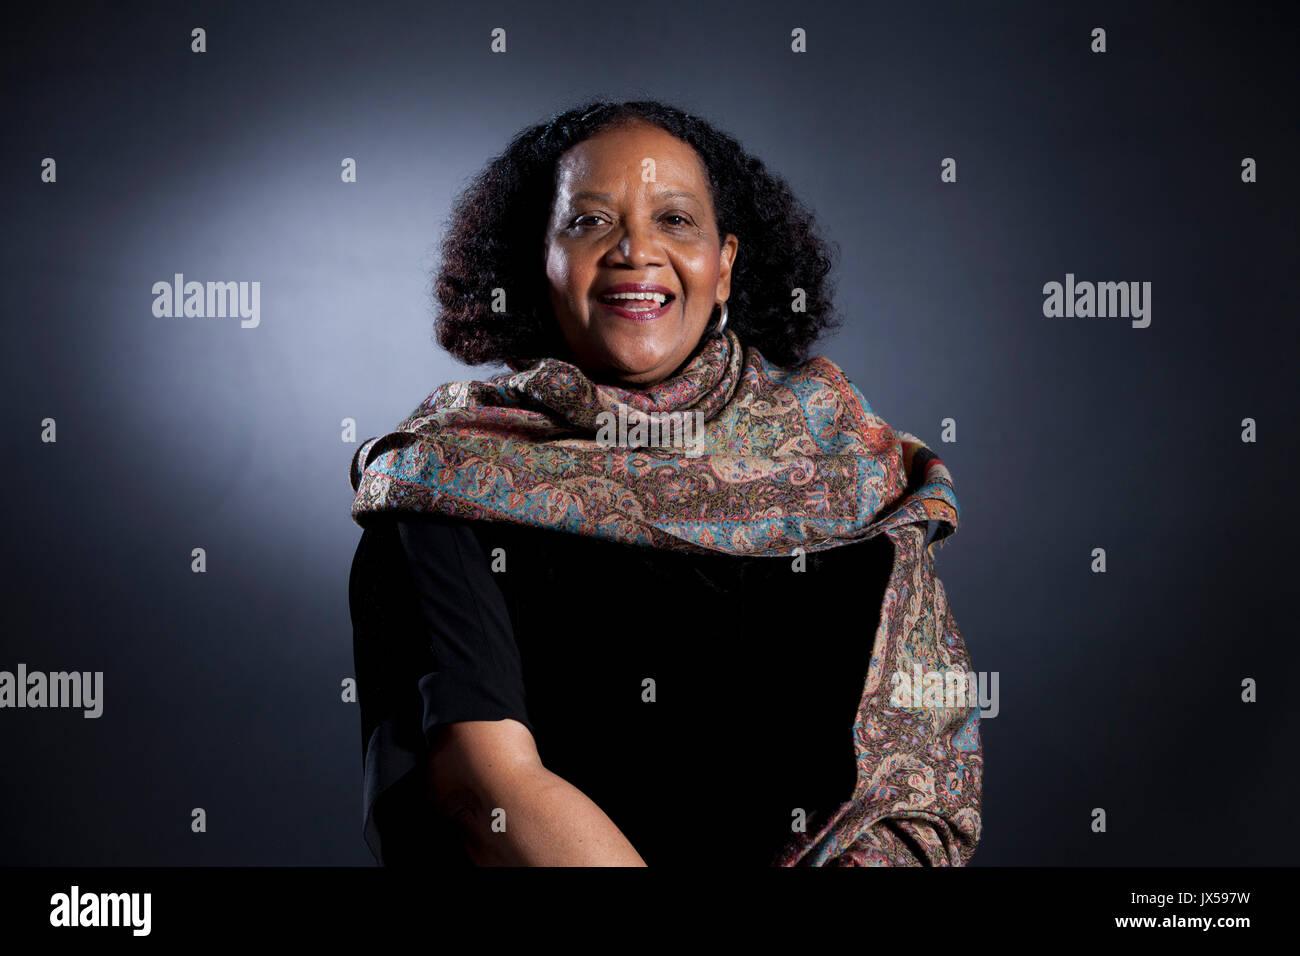 Edinburgh, Großbritannien. 14. August 2017. Lorna Goodison, die jamaikanischen Dichter, beim Edinburgh International Stockfoto